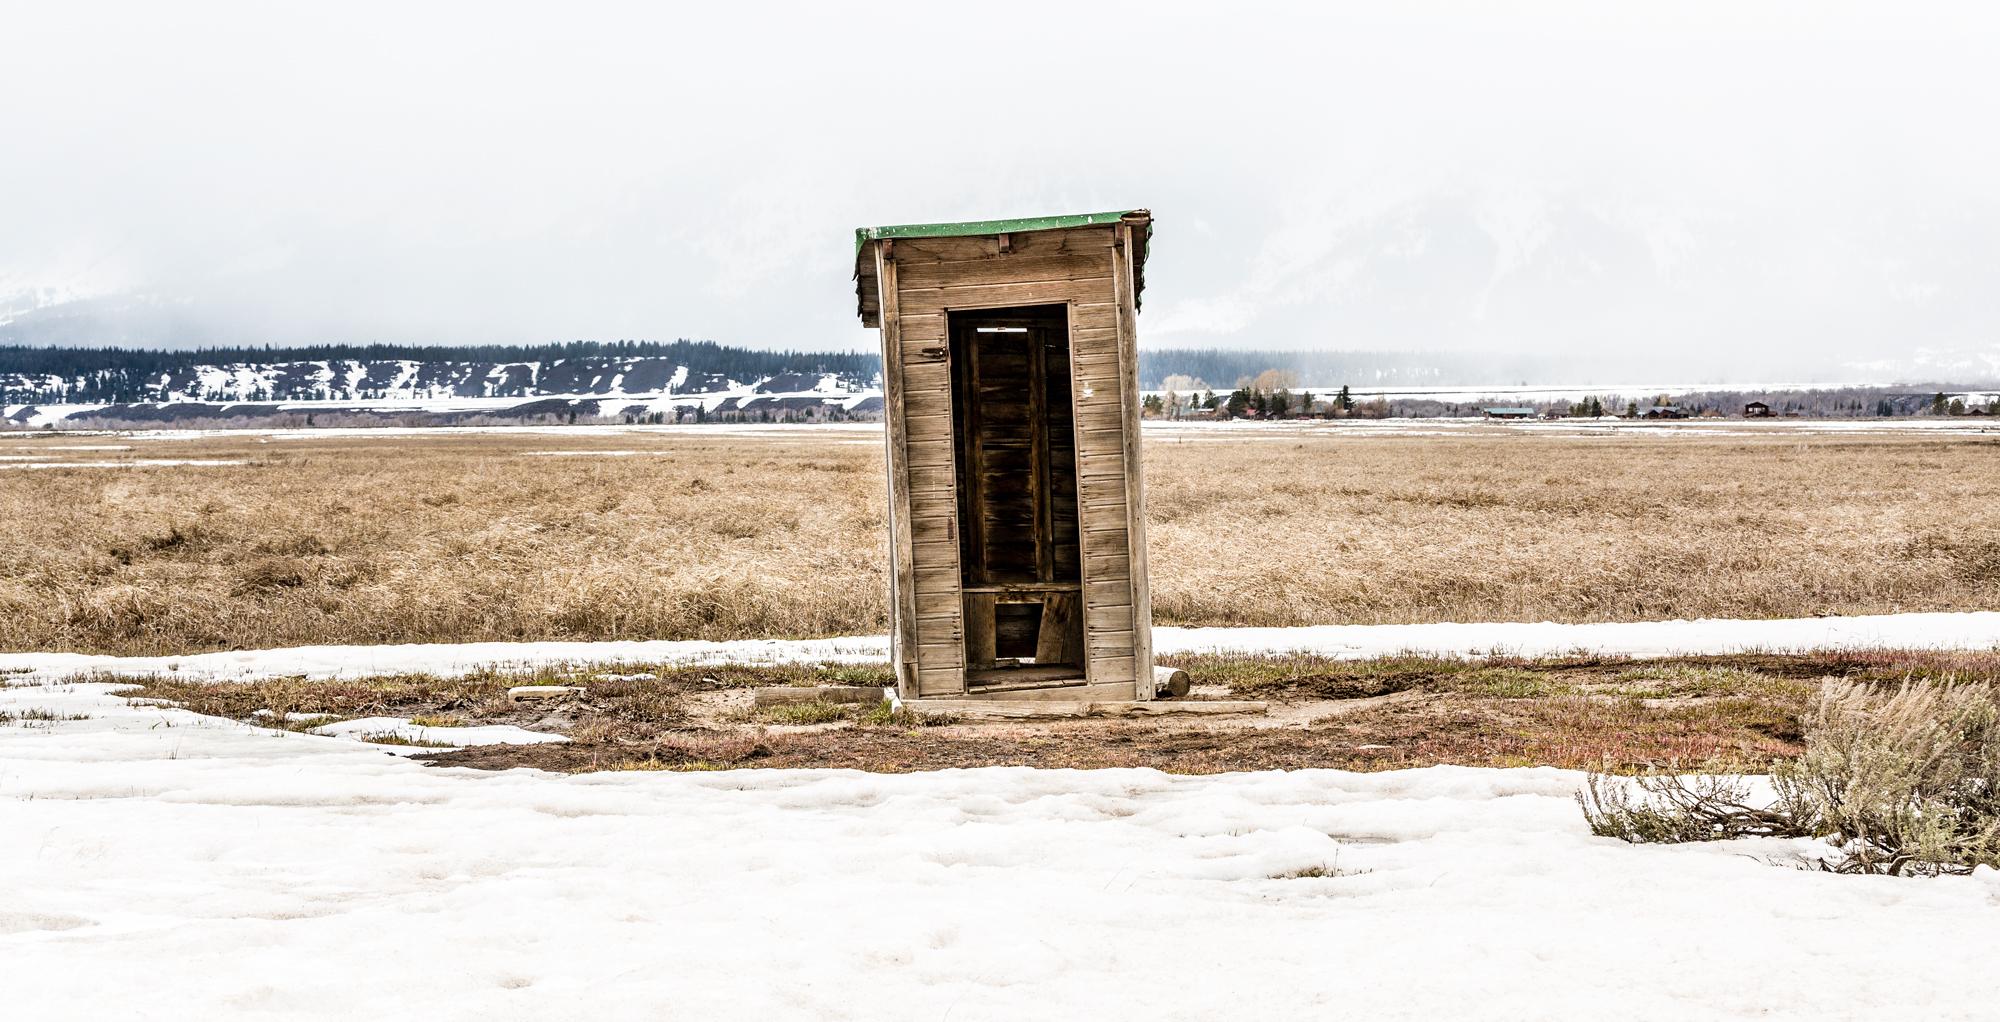 JHole_Outhouse.jpg